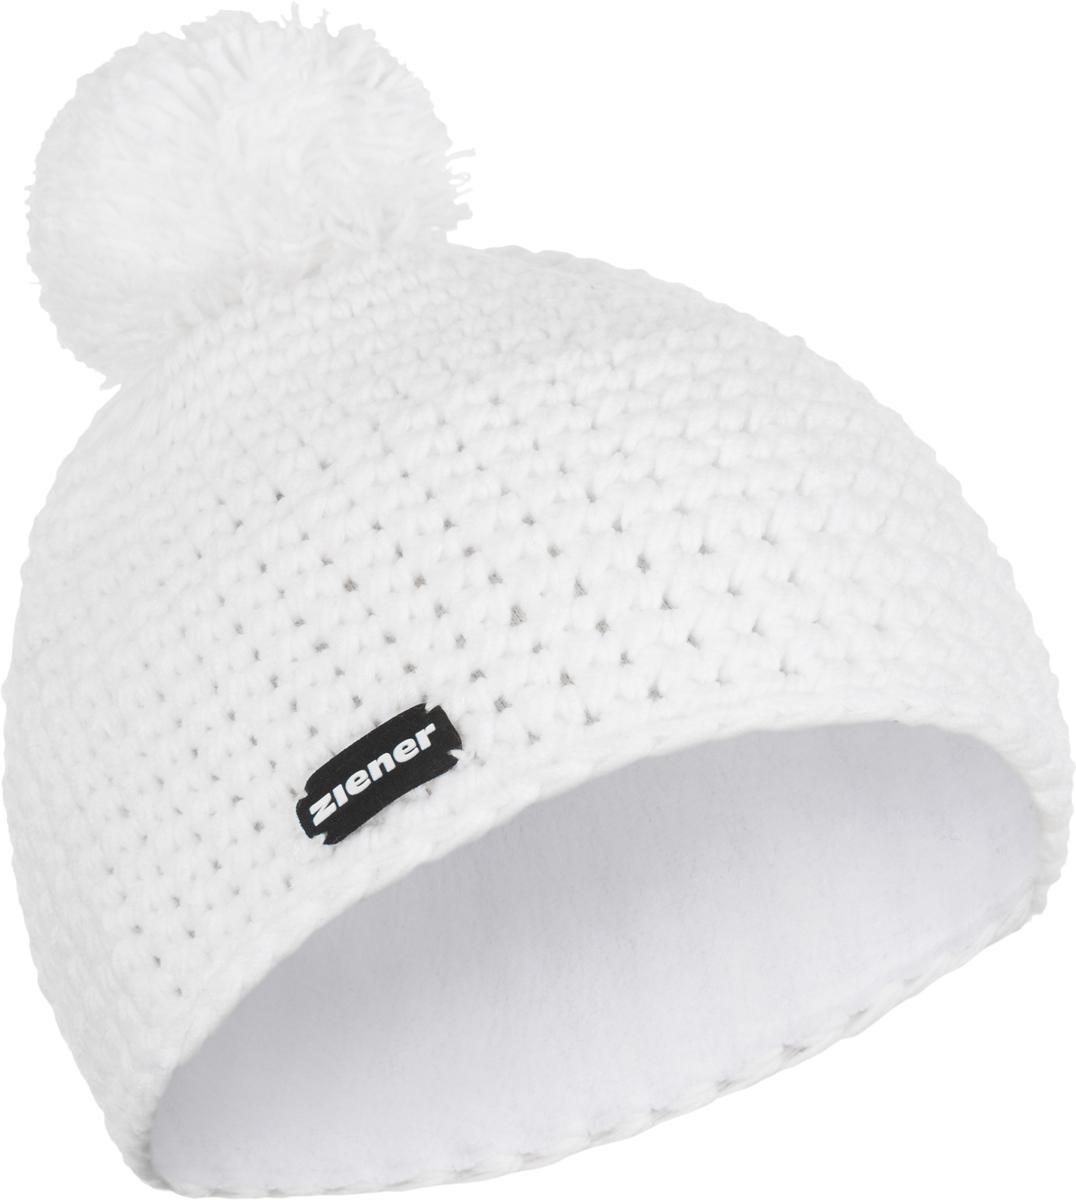 Шапка Ziener Intercontinental Hat, цвет: белый. 170053-01. Размер универсальный170053-01Шапка Ziener Intercontinental Hat отлично дополнит ваш образ в холодную погоду. Модель изготовлена из акриловой пряжи, что максимально сохраняет тепло и обеспечивает удобную посадку. Шапка оформлена помпоном.